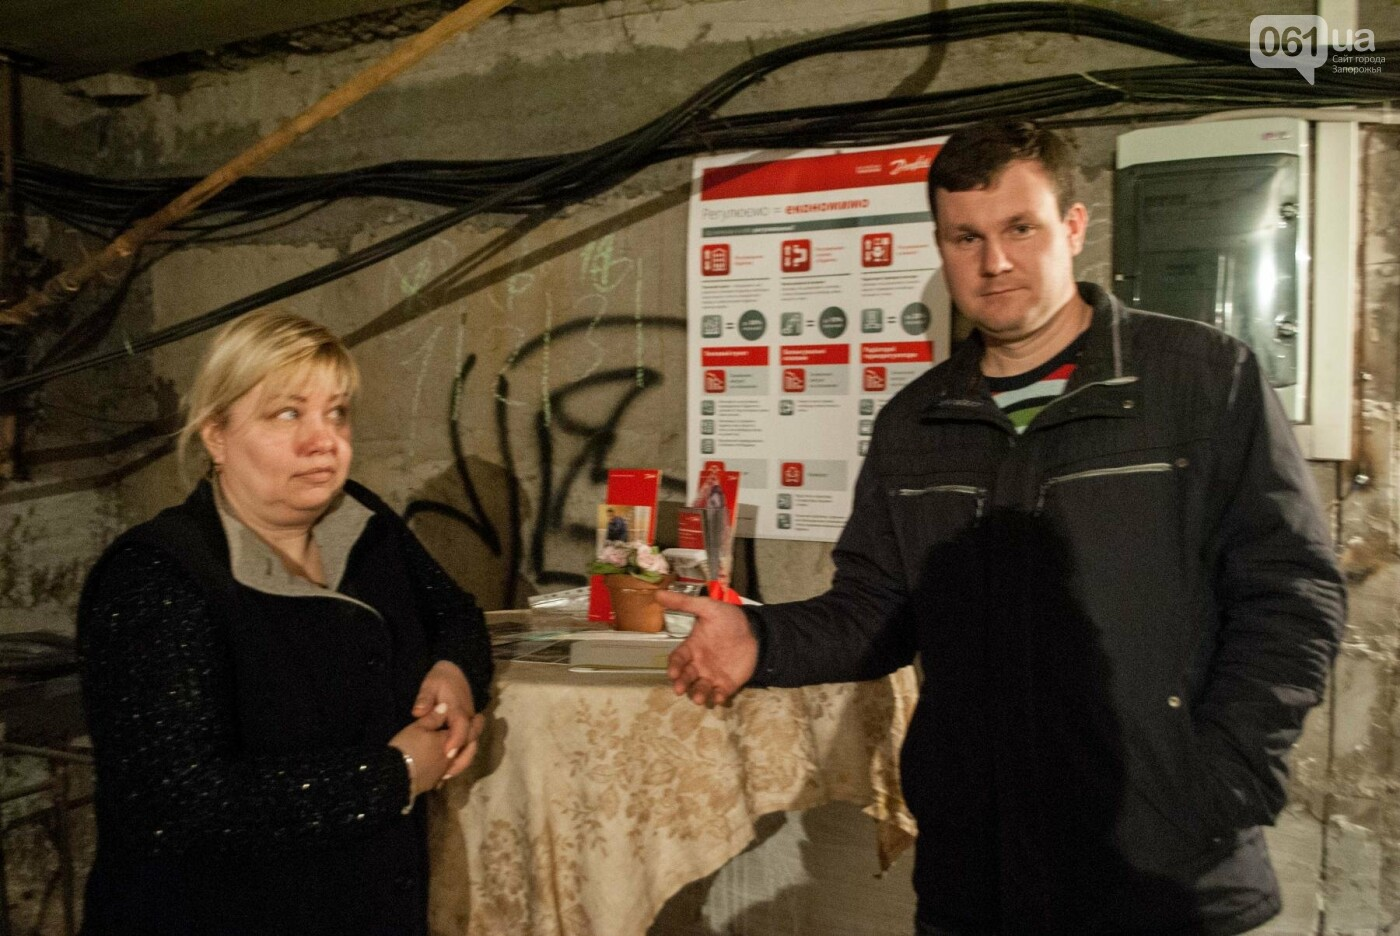 Сам себе хозяин: как запорожские ОСМД занимаются энергосбережением и значительно экономят на тарифах, — ФОТО, фото-29